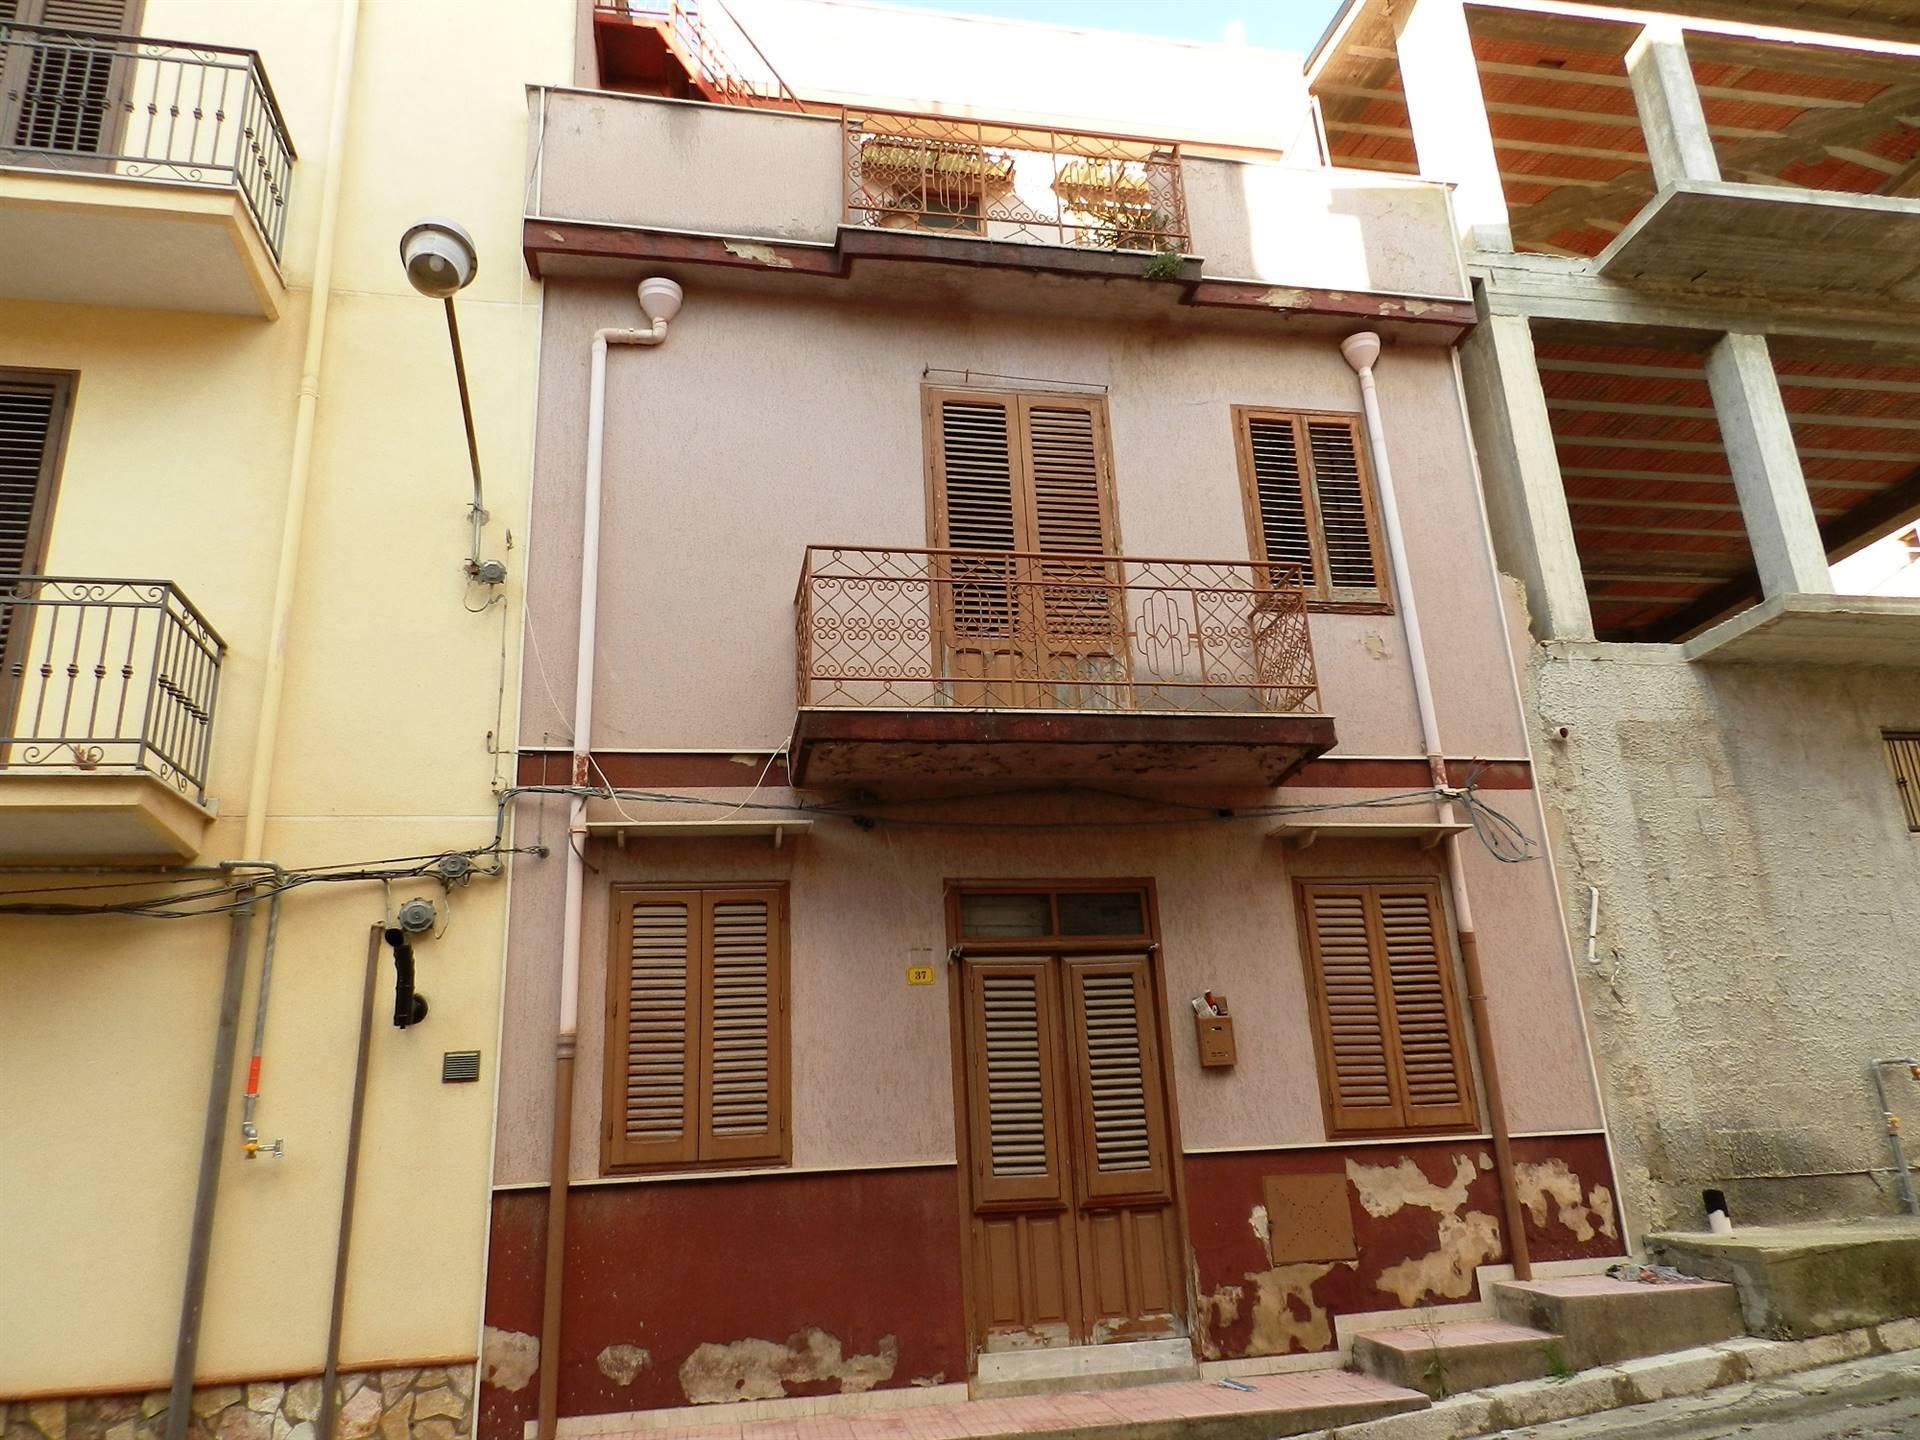 BORGETTO, Einzelhaus zu verkaufen von 120 Qm, Bewohnbar, Energie-klasse: G, Epi: 175 kwh/m2 jahr, zusammengestellt von: 4 Raume, Kochnische, , 2